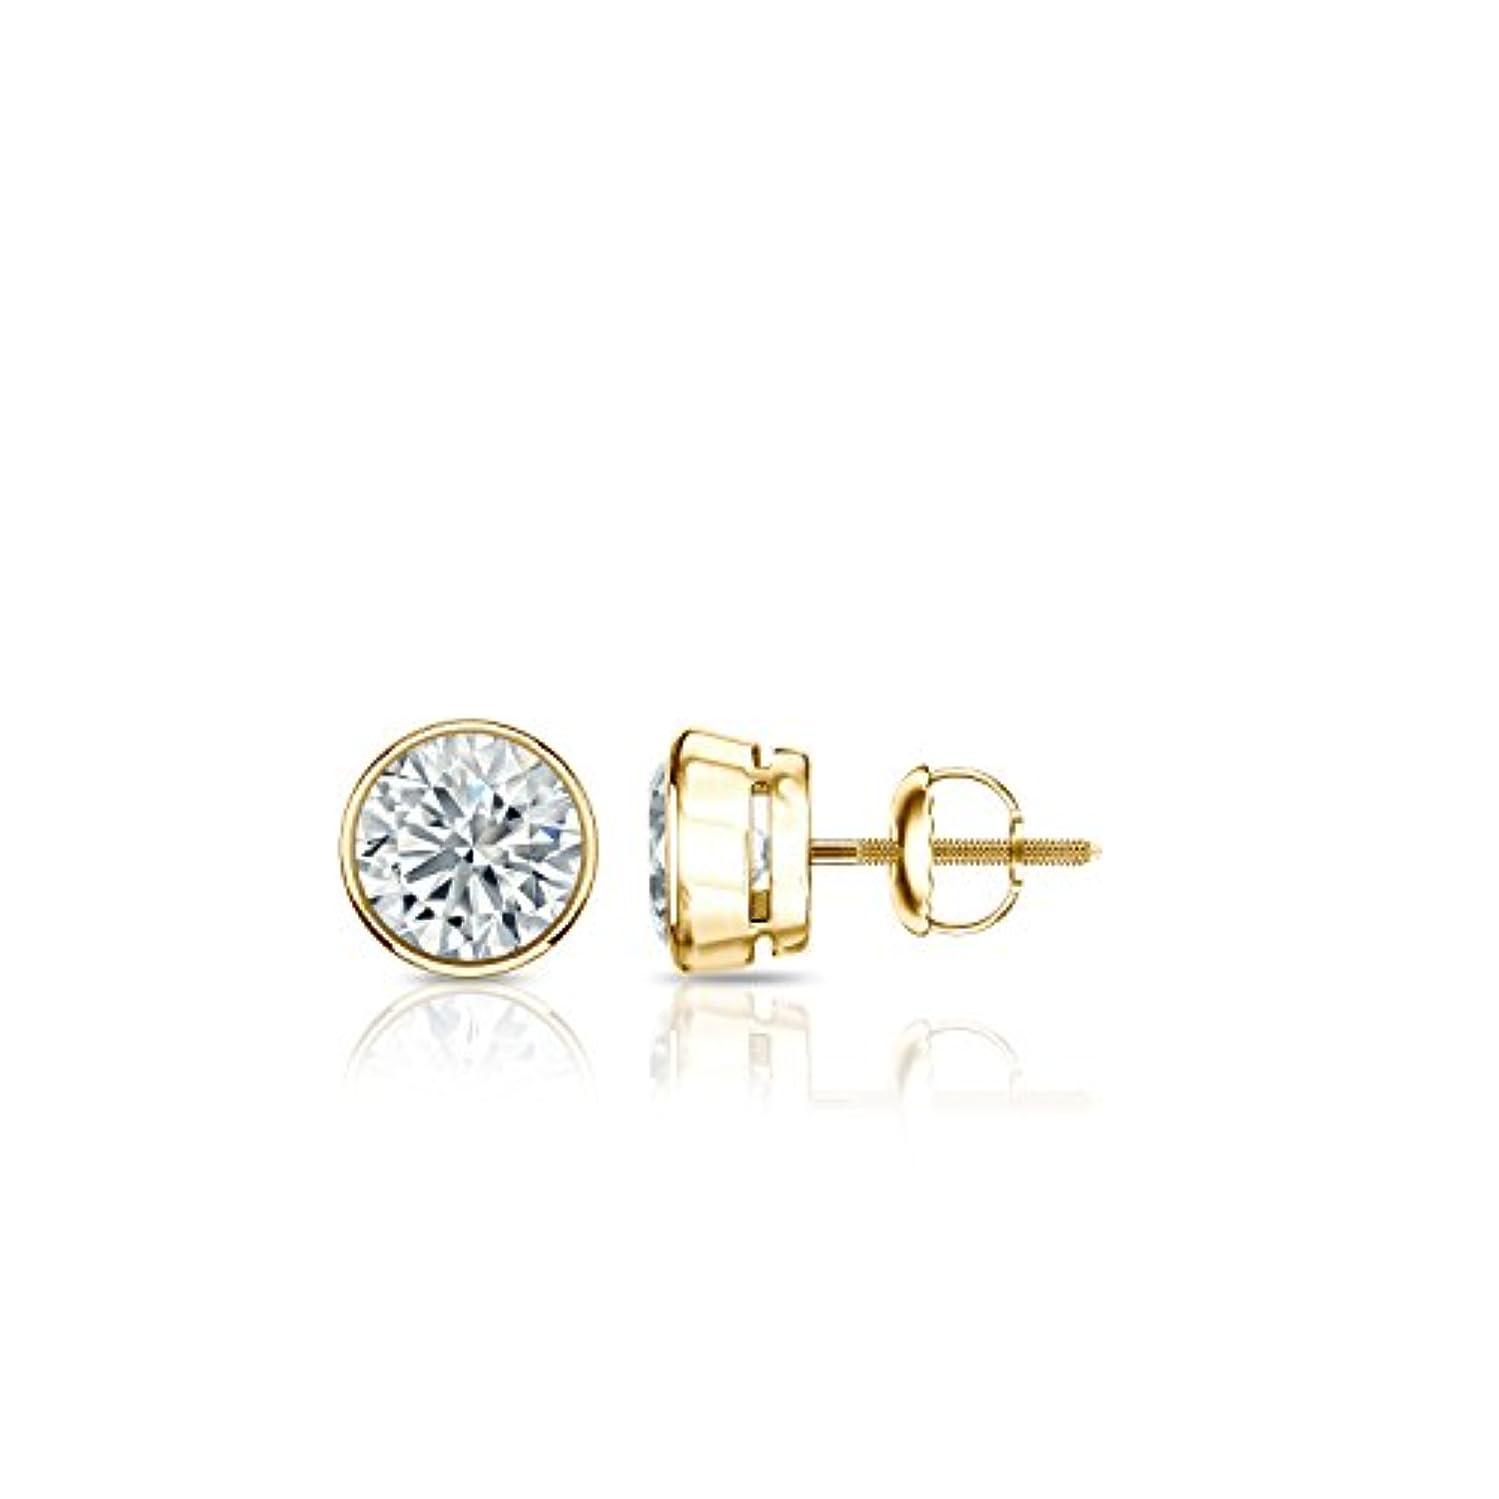 芝生三角形付属品14 Kイエローゴールドbezel-setラウンドメンズダイヤモンドスタッドイヤリング( 1 / 5 – 2 ct、Oホワイト、i2 - i3 ) screw-back